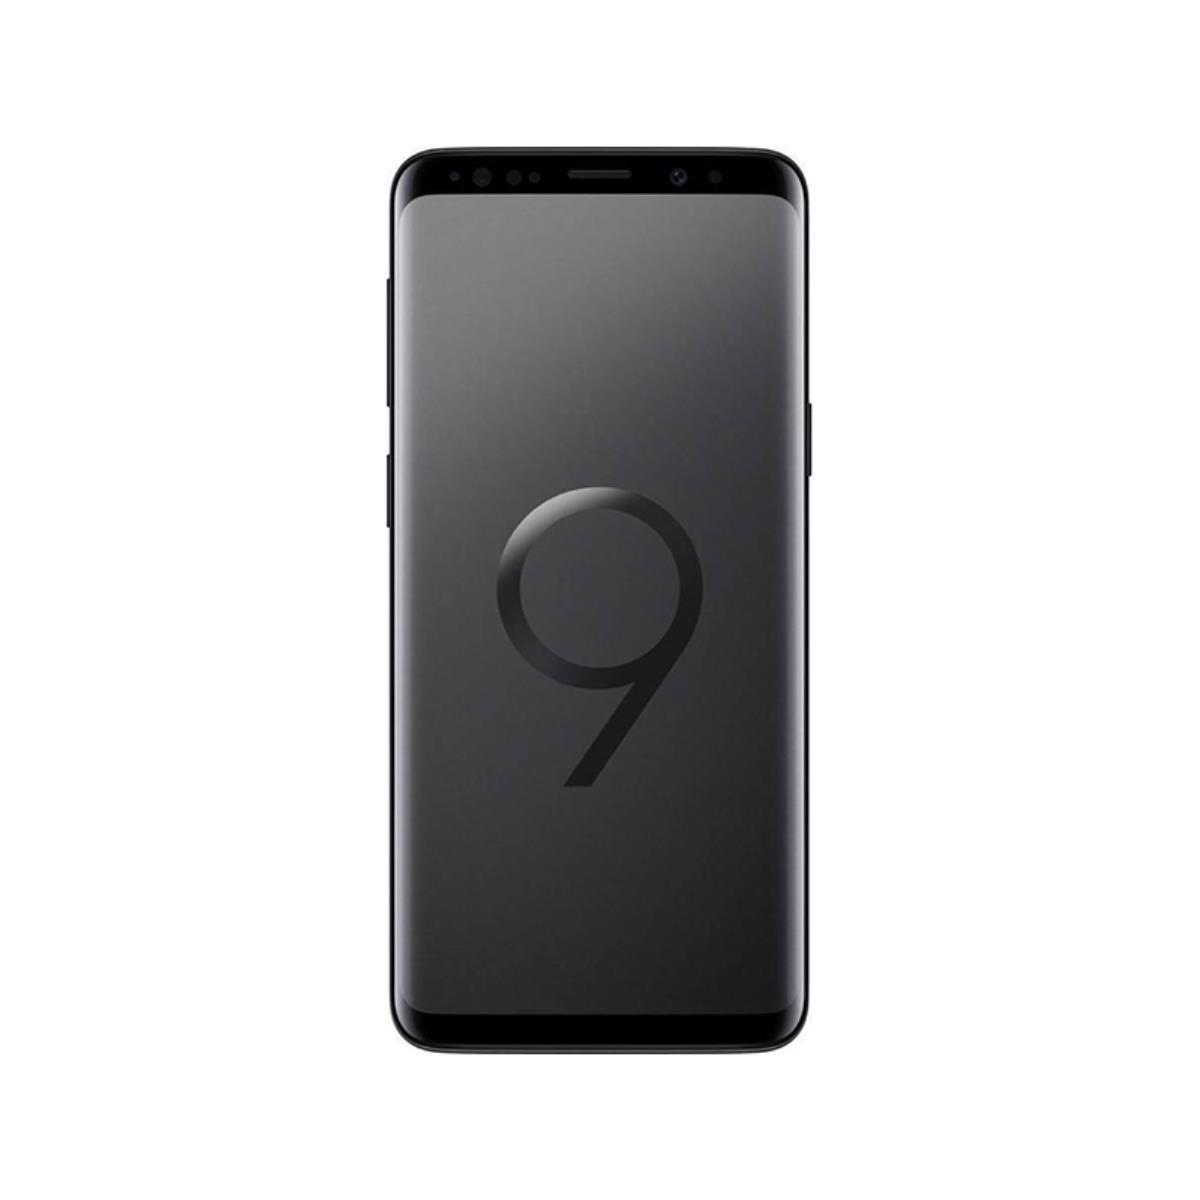 """SMARTPHONE XIAOMI MI A1 5.5"""" 64GB/4GB DUAL SIM PRETO"""